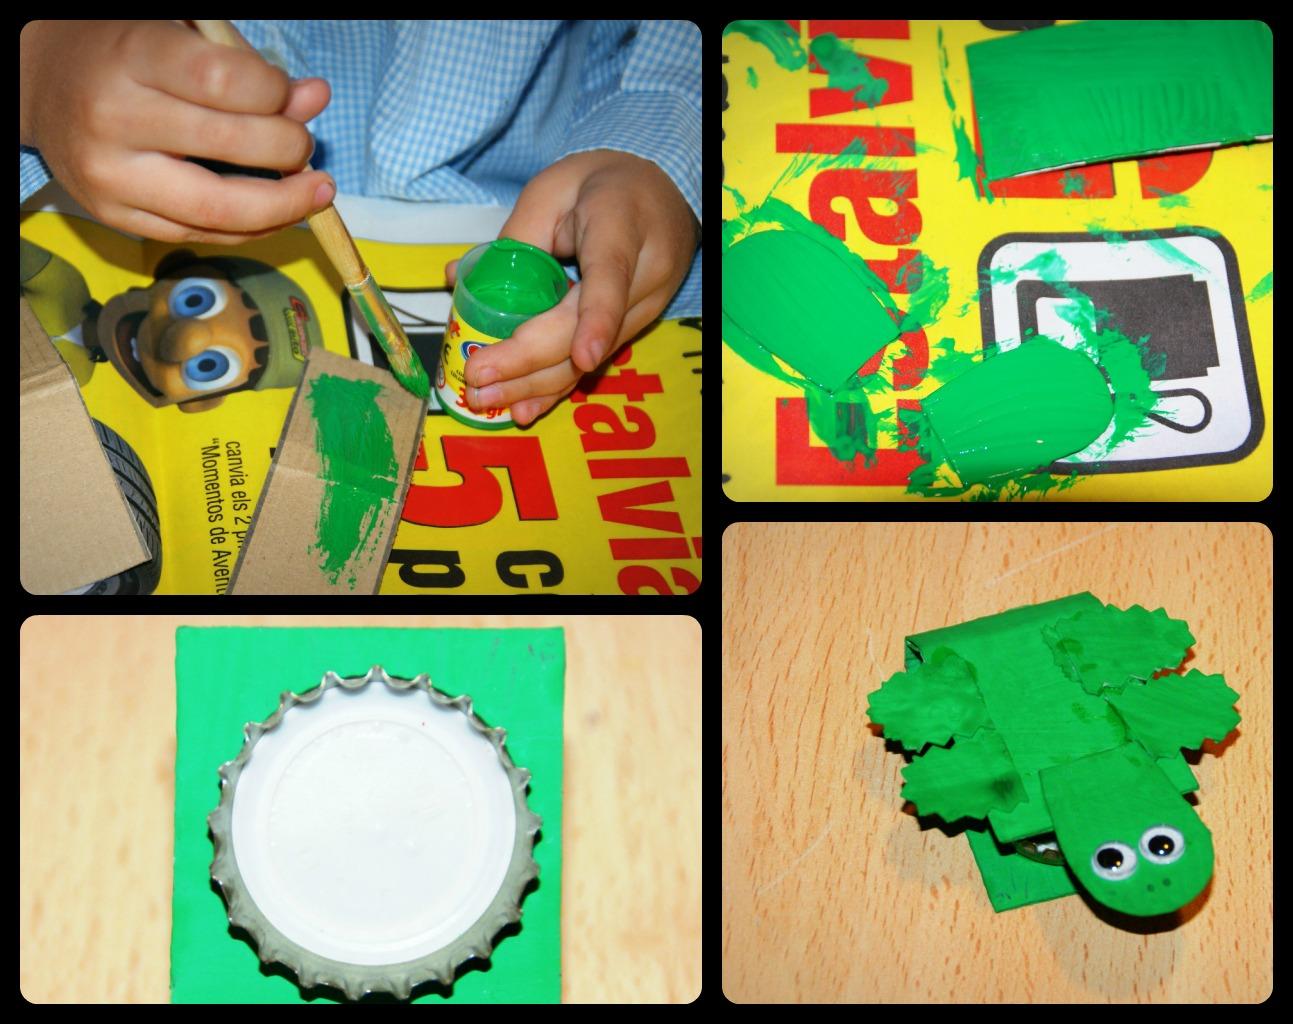 Por último hemos cubierto de fieltro a la tortuga, para recrear el